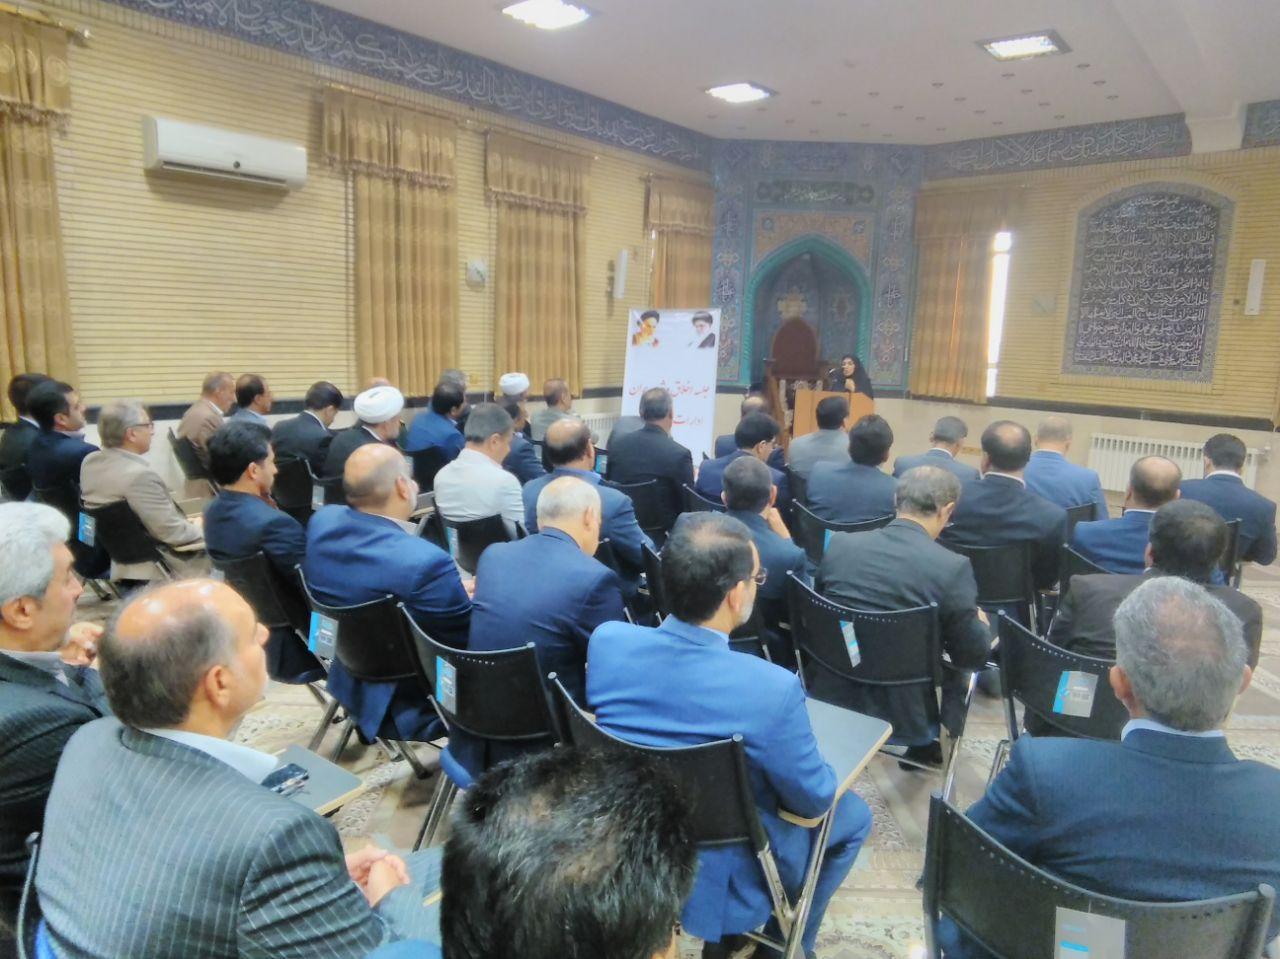 تمامی زنان سرپرست خانوار و توانخواهان پشت نوبت استان زیر پوشش حمایت بهزیستی قرار گرفتند